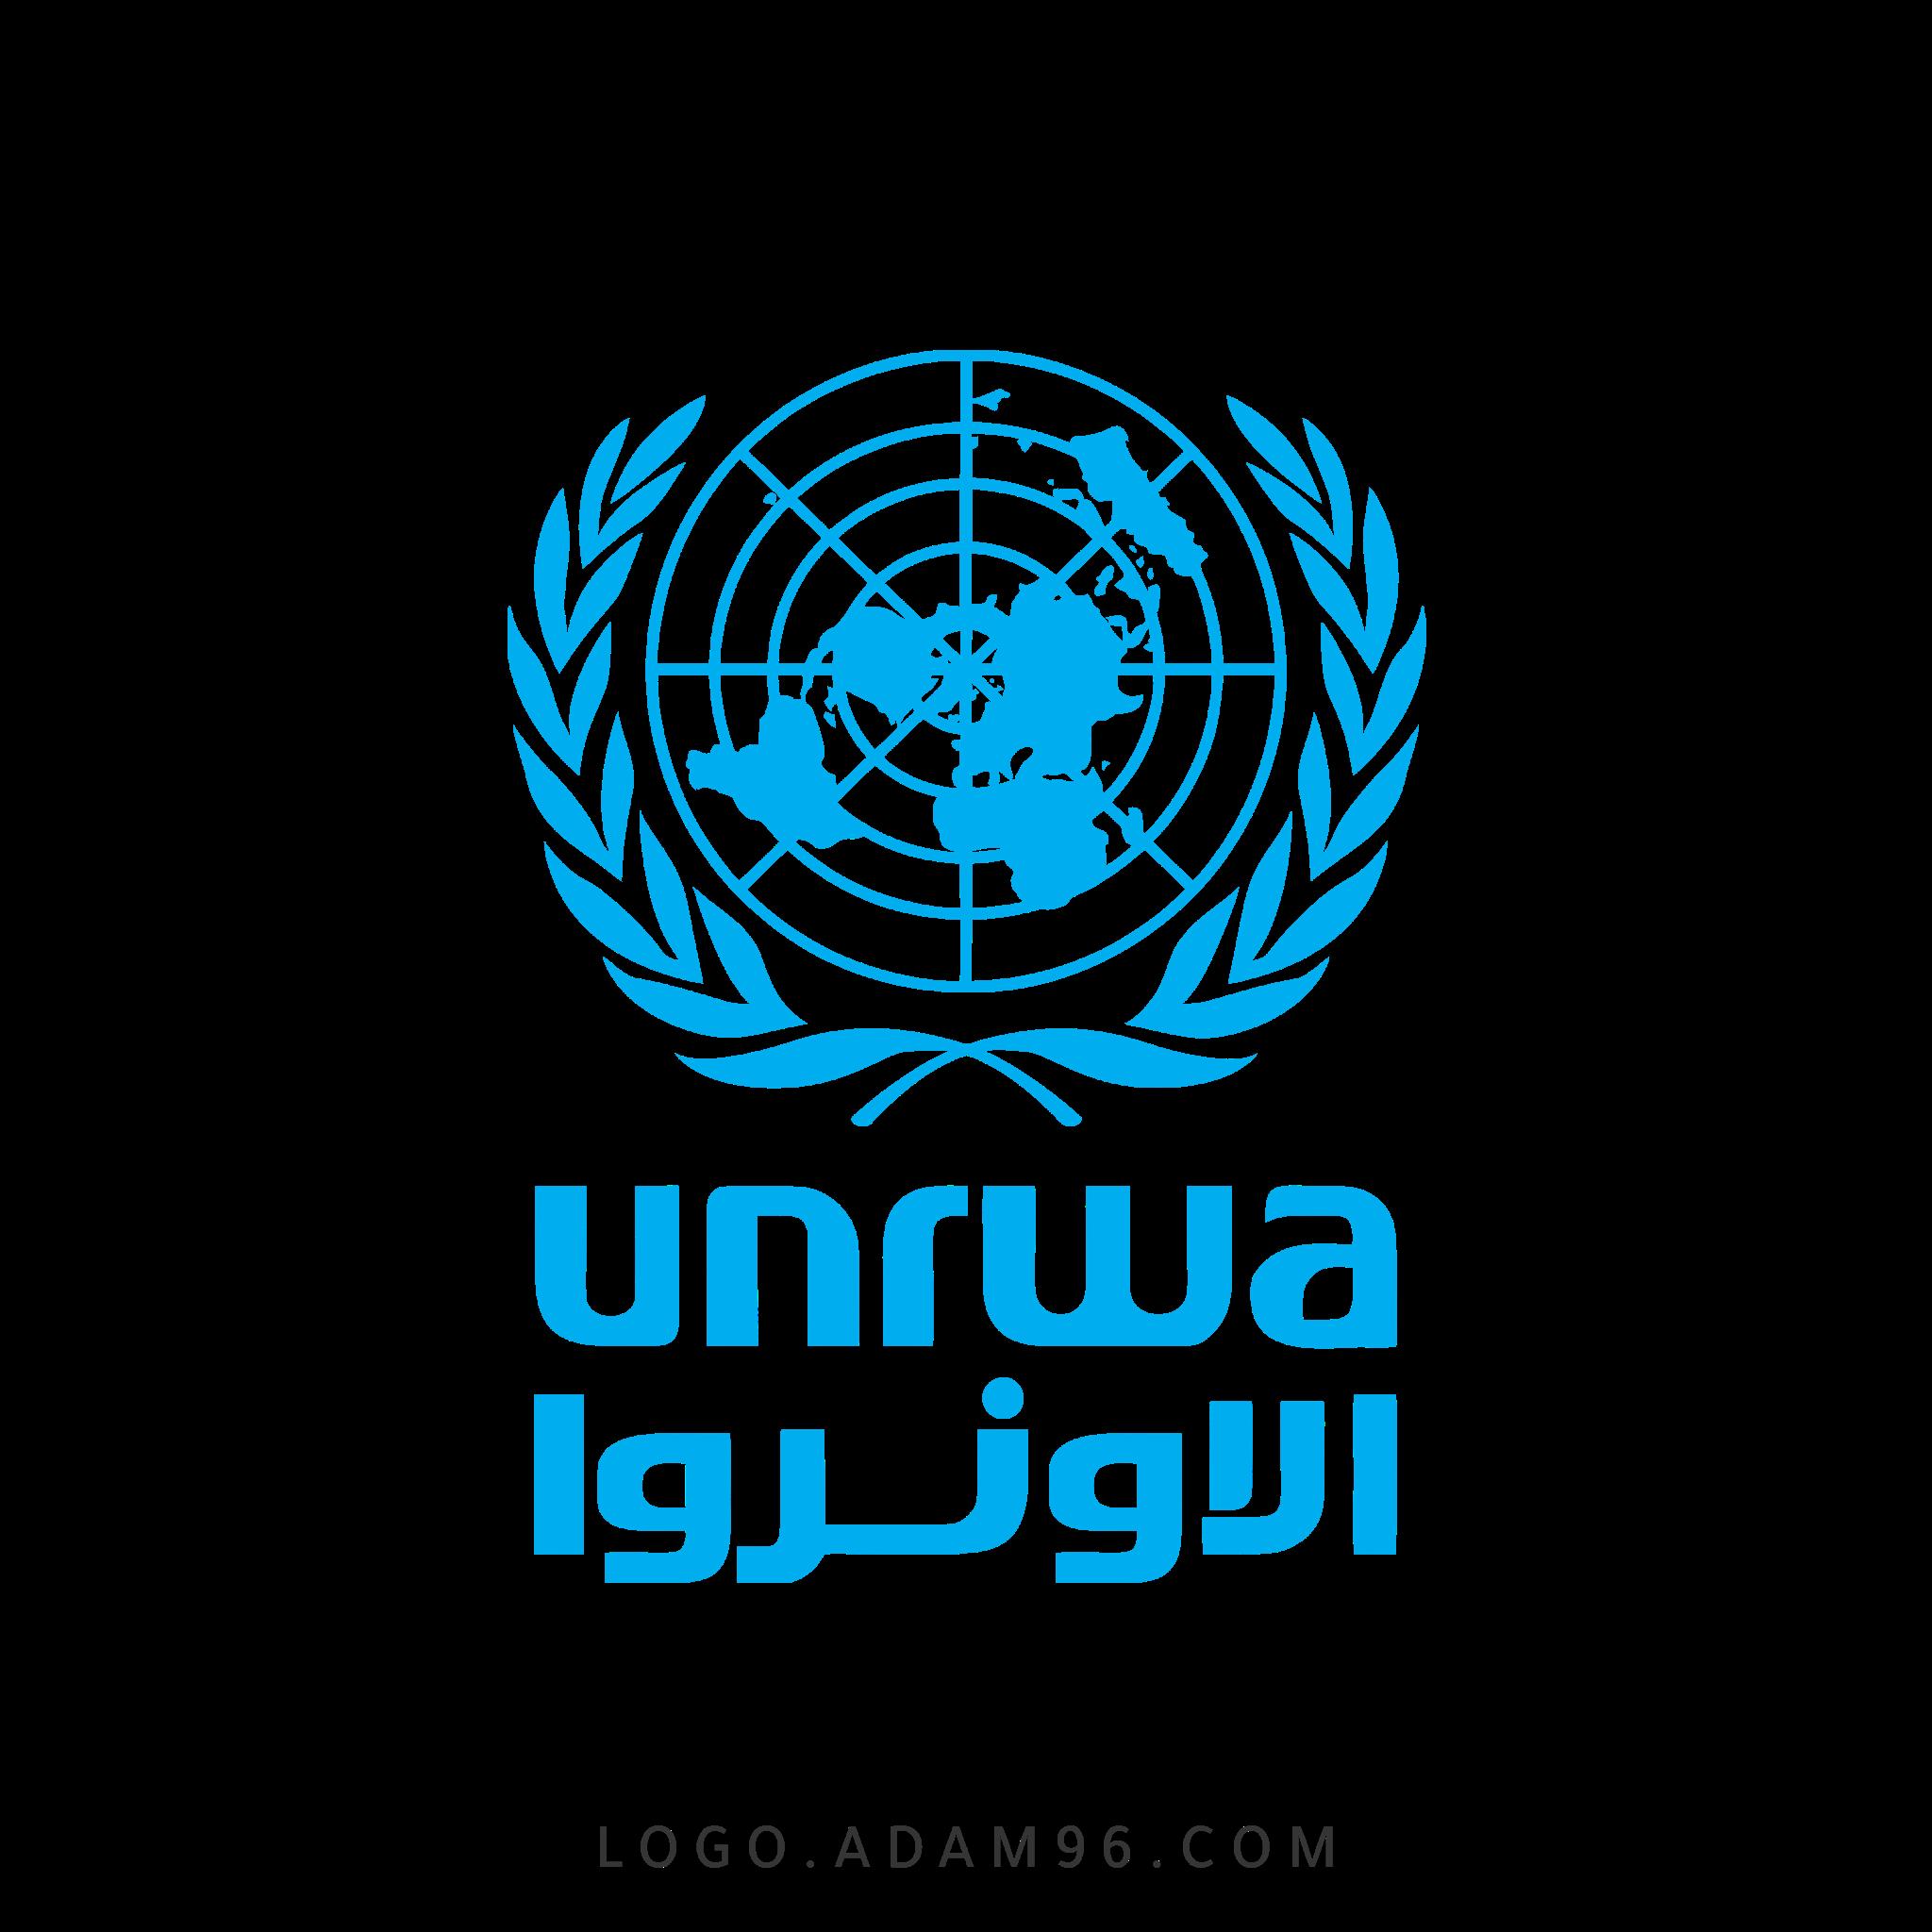 تحميل شعار منظمة الاونروا العالمية لوجو رسمي بدقة عالية PNG